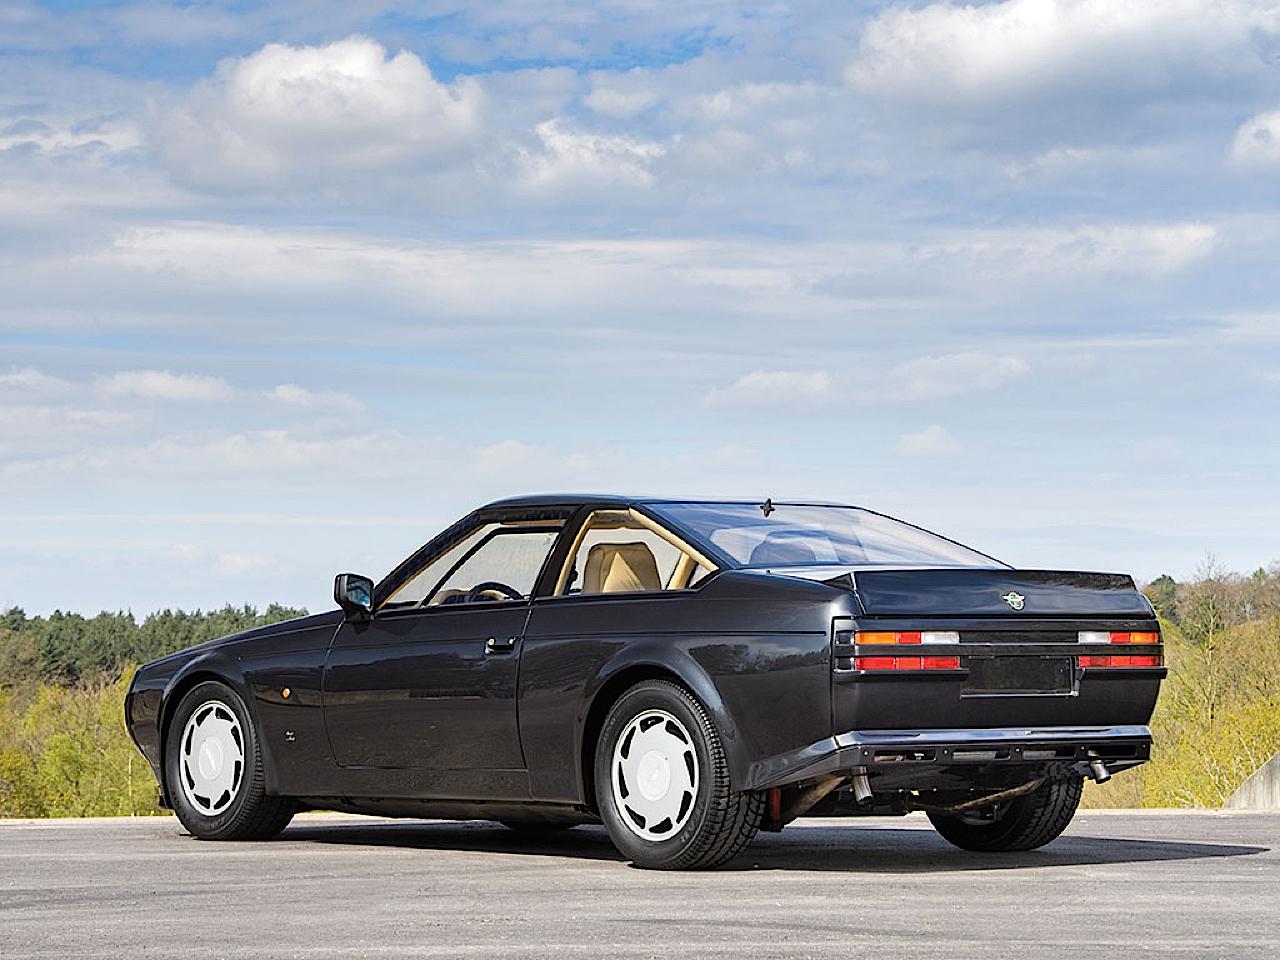 '87 Aston Martin V8 Vantage Zagato : 6